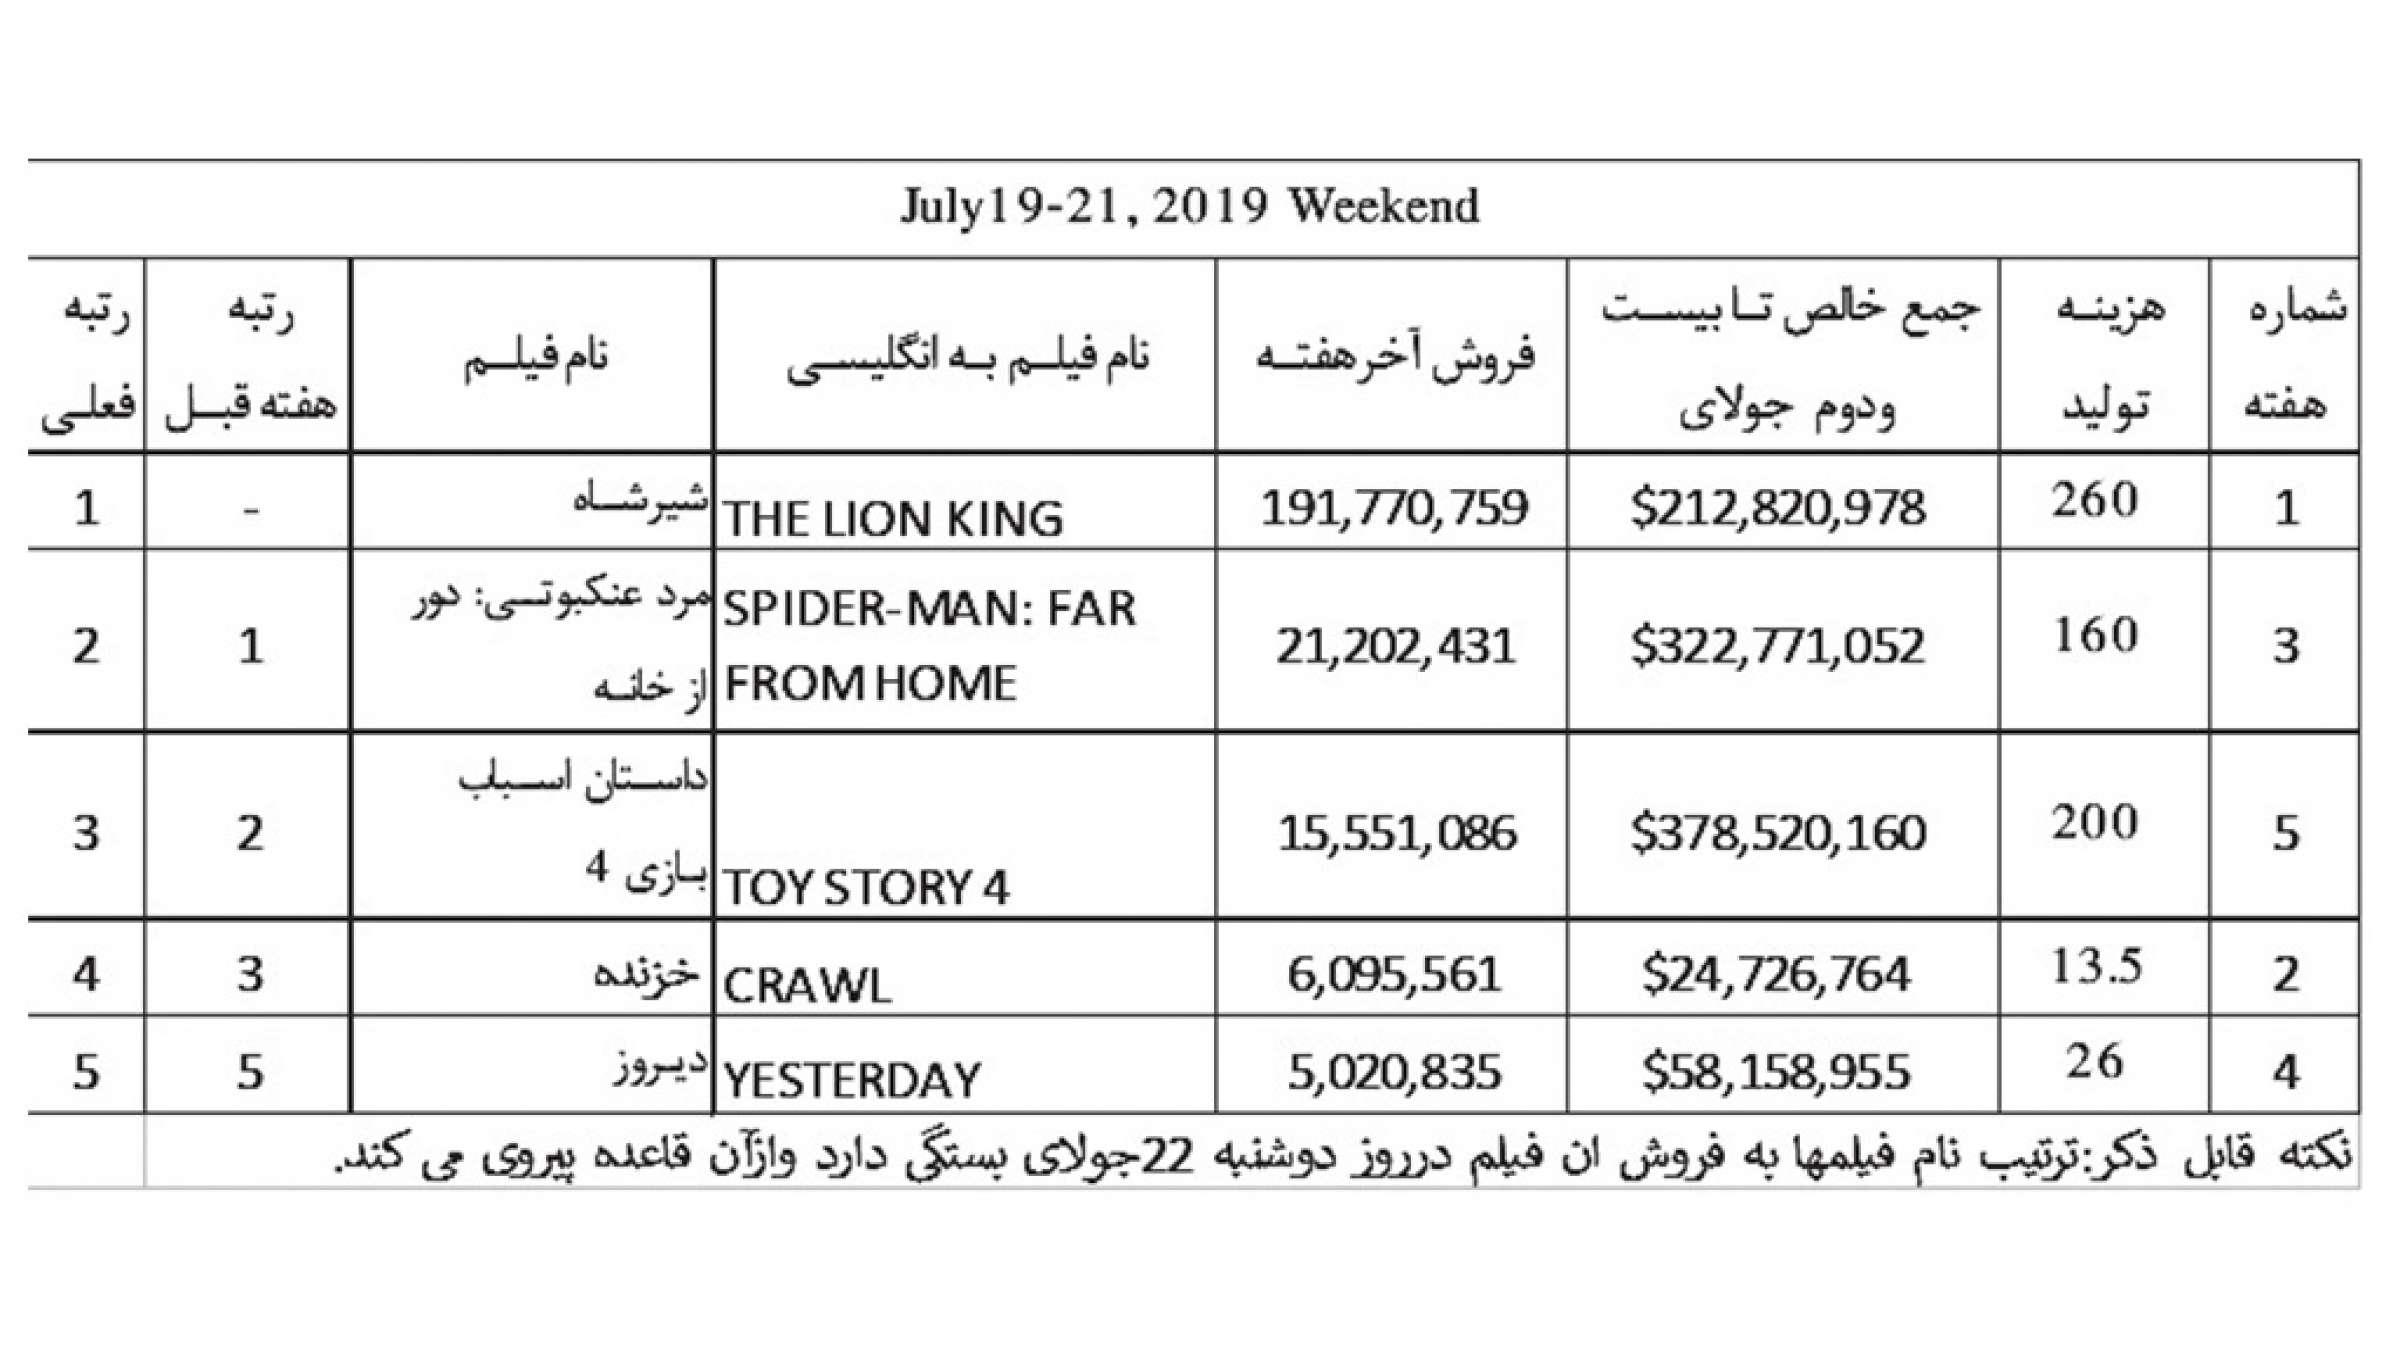 فیلم-ناظمزاده-سینما-آخرین-هفته-ماه-جولای-آمار-گیشه